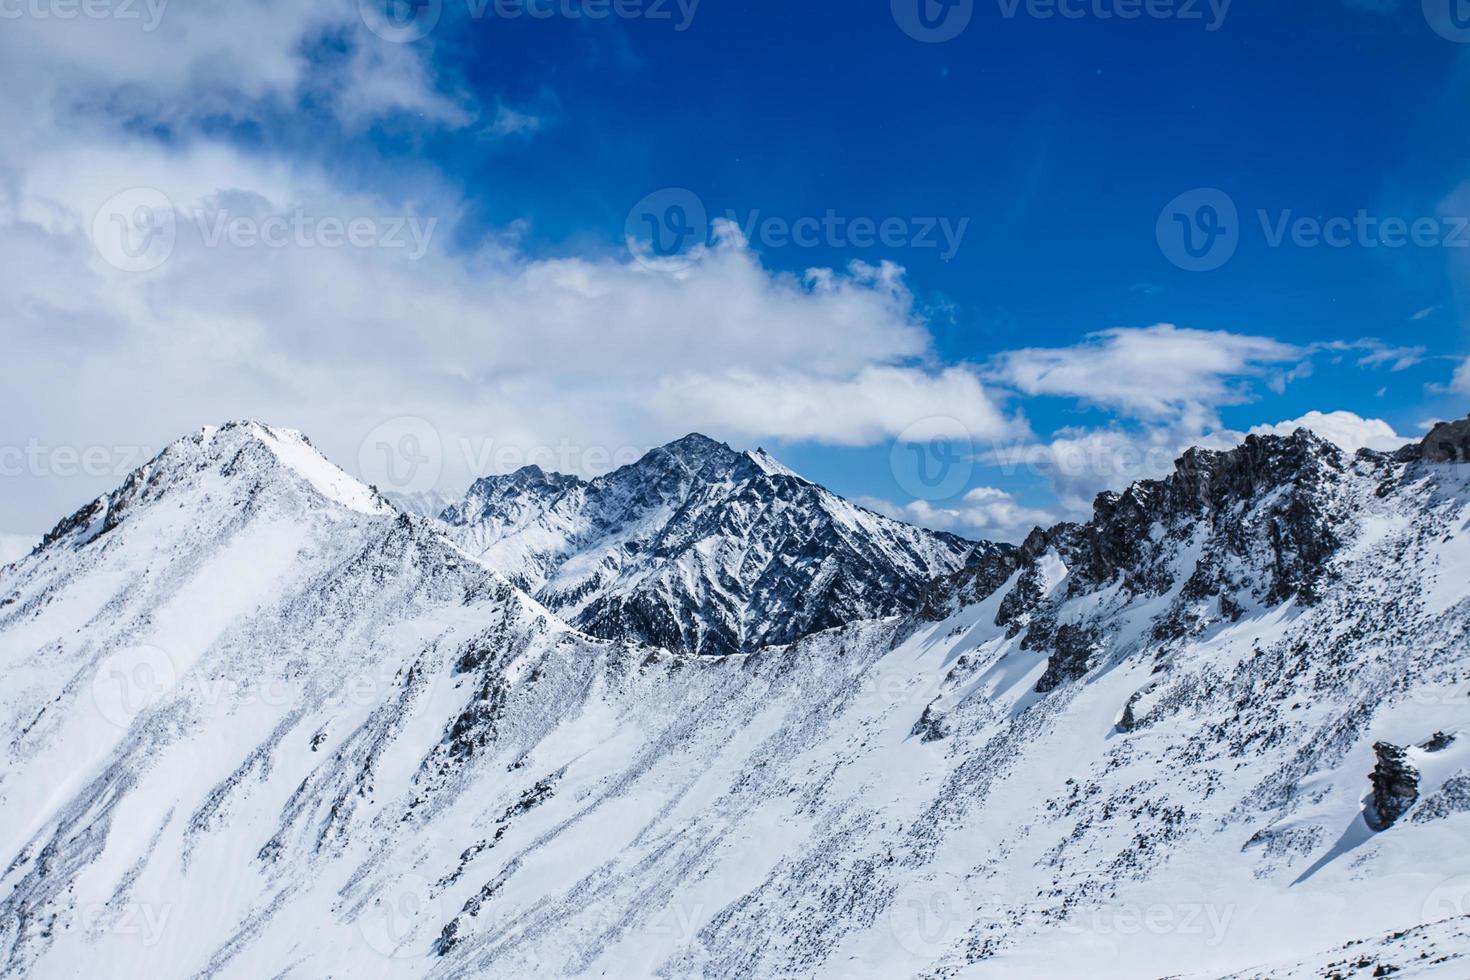 prachtig landschap van bergen. foto